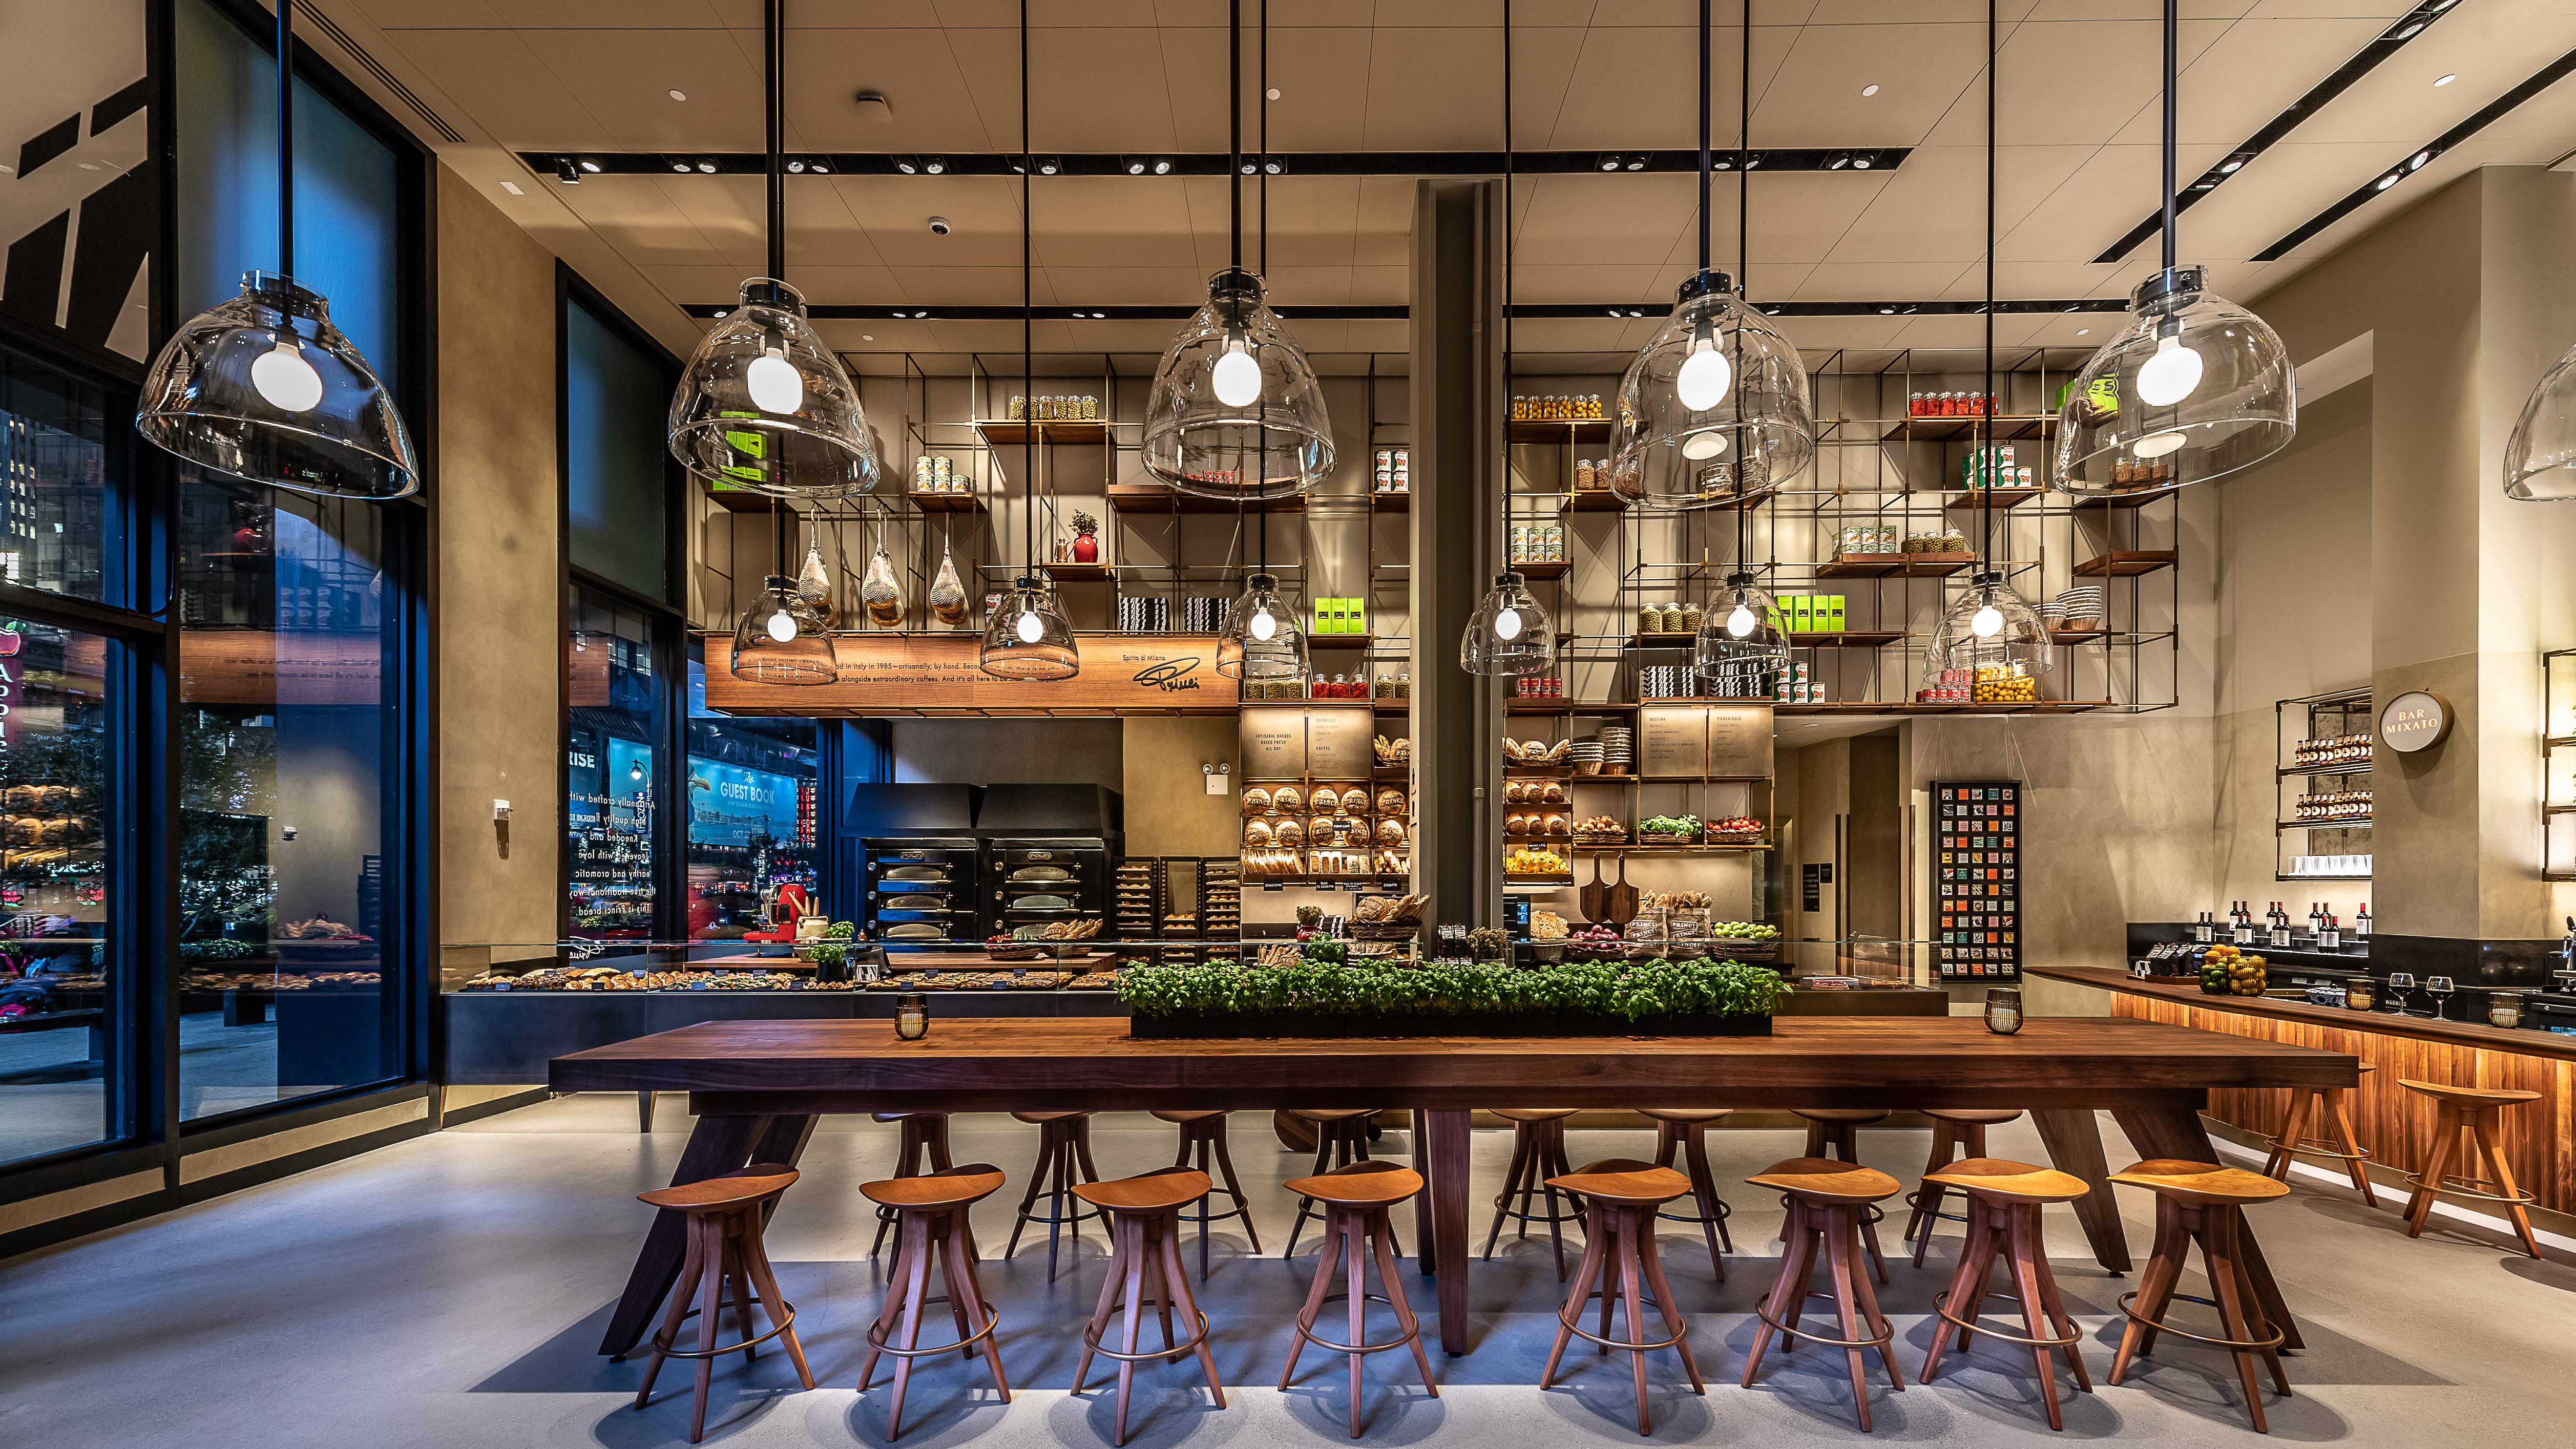 Starbucks-Backed Italian Bakery Princi Lands in Midtown Next Week